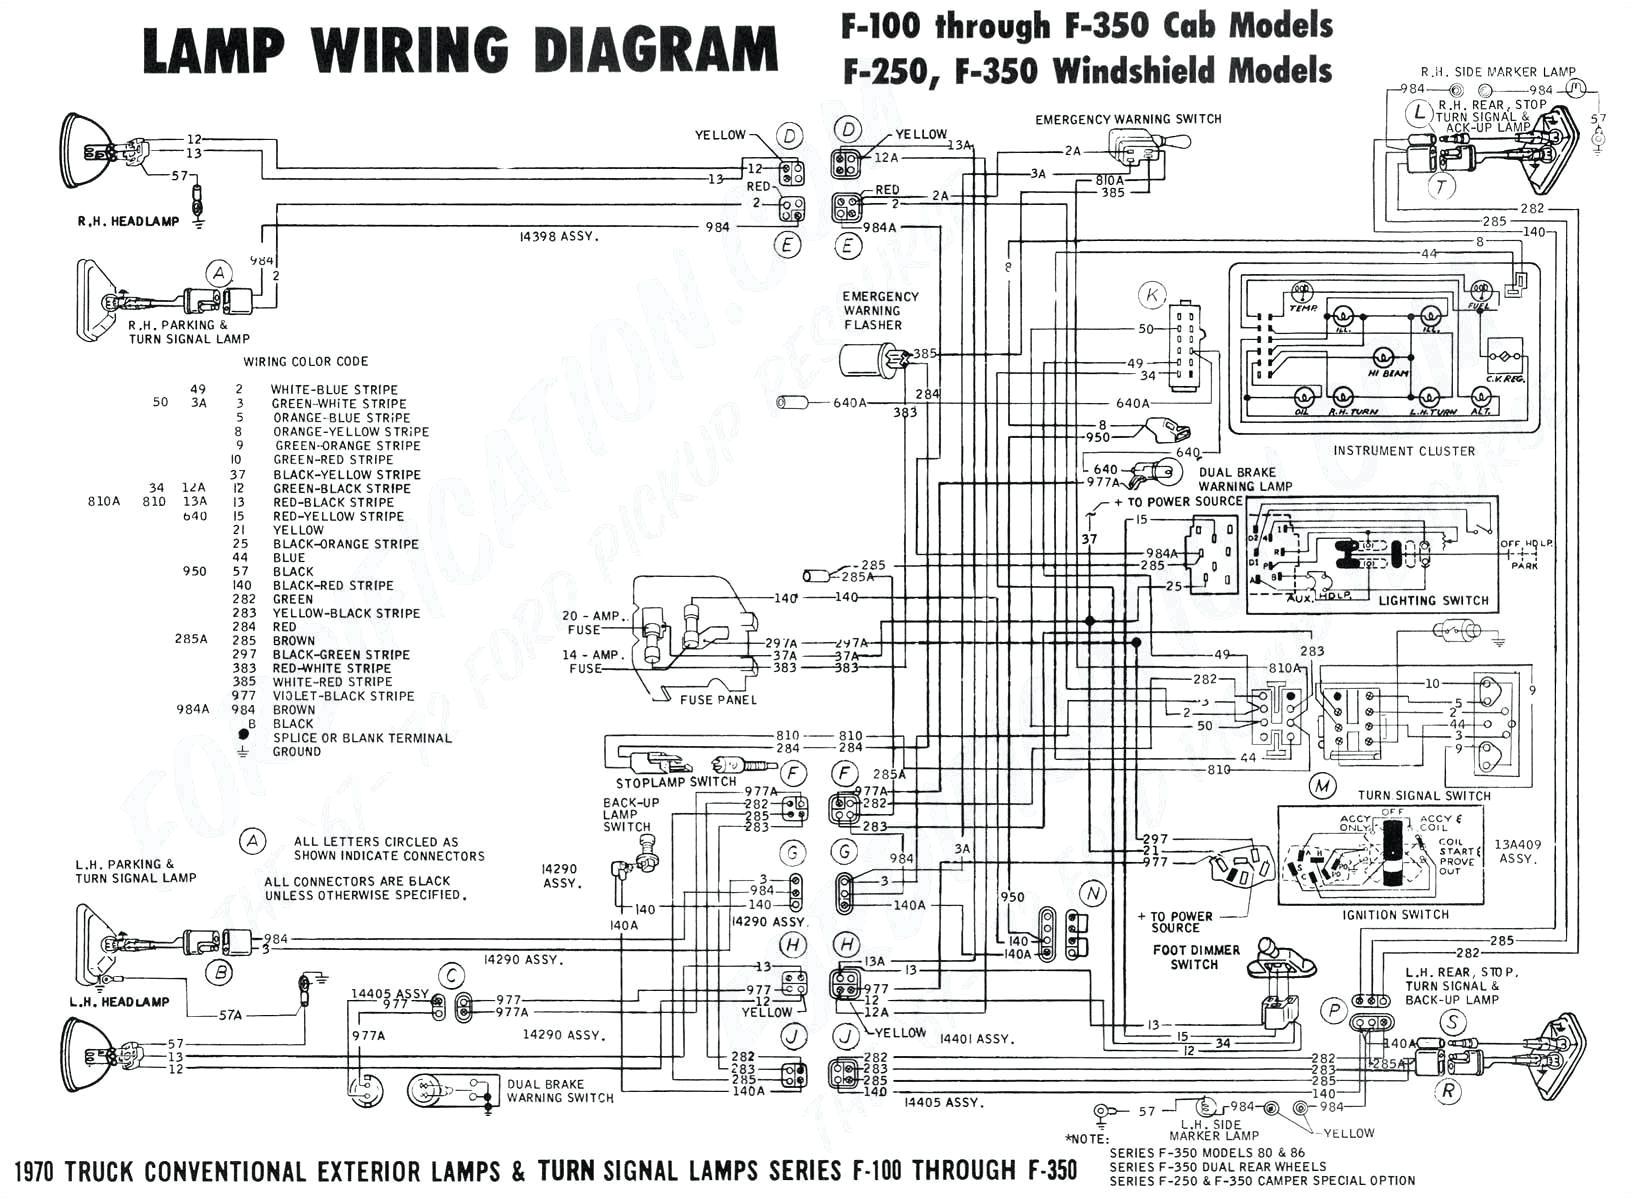 2005 ford f150 trailer wiring diagram wiring diagram ford trailer plug fresh f150 trailer wiring diagram download 7l jpg